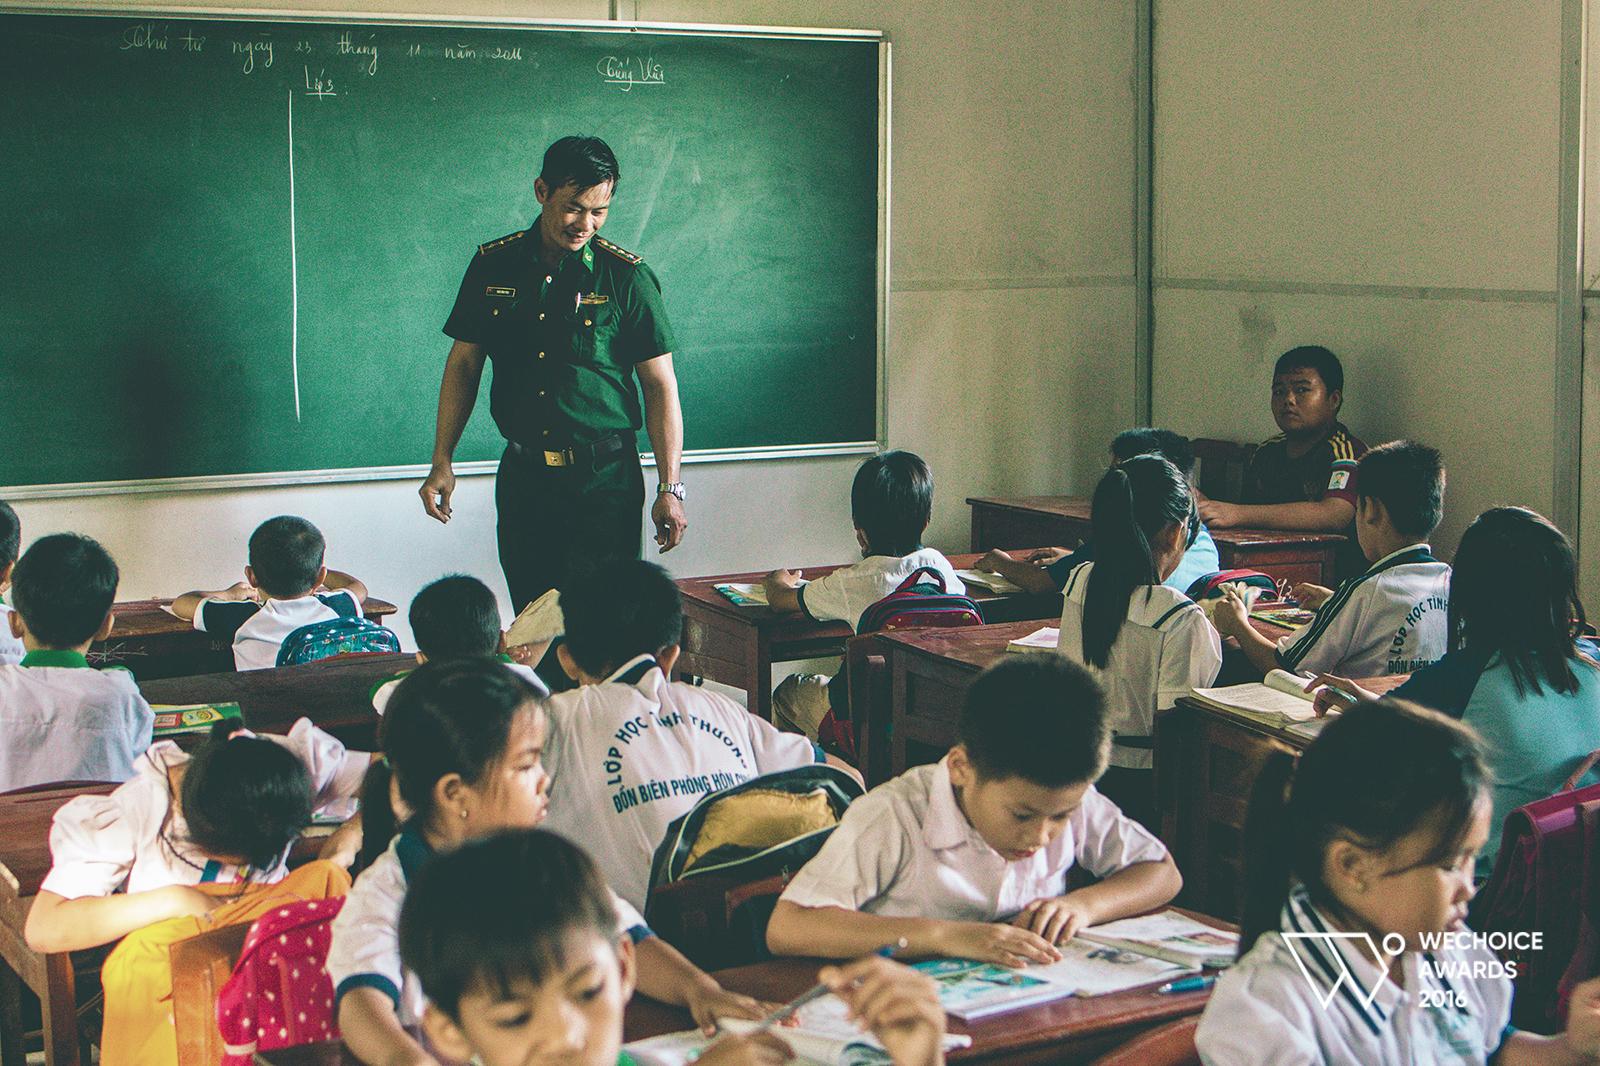 Lớp học 0 đồng nằm giữa biển của thầy giáo bị ung thư máu và tụi con nít nghèo - Ảnh 12.